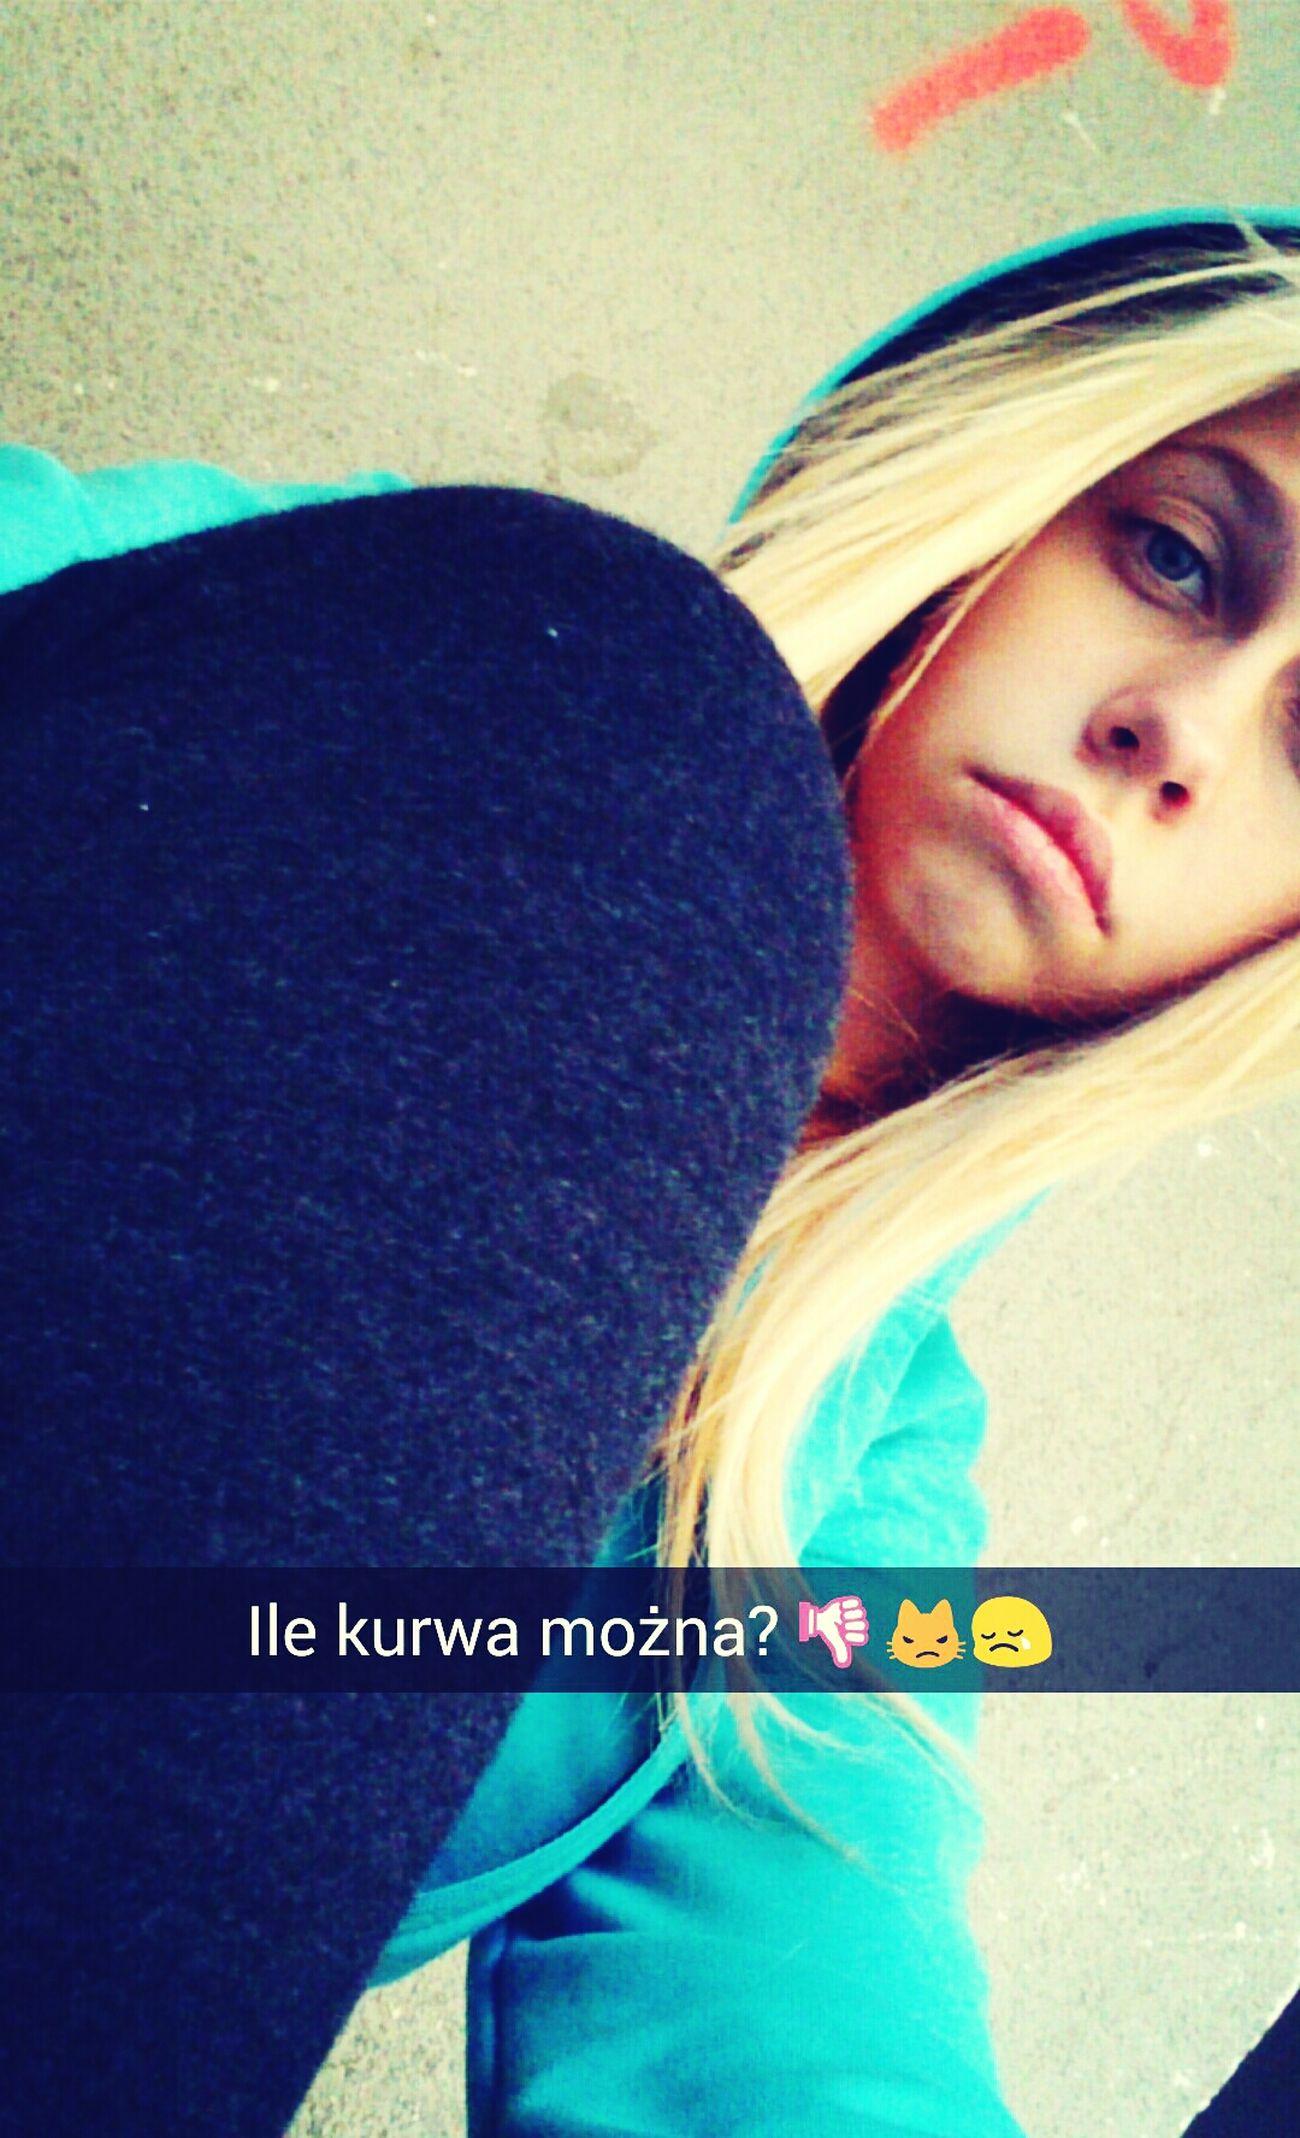 Blonde Hair Blue Eyes. Polish Girl Sad Day